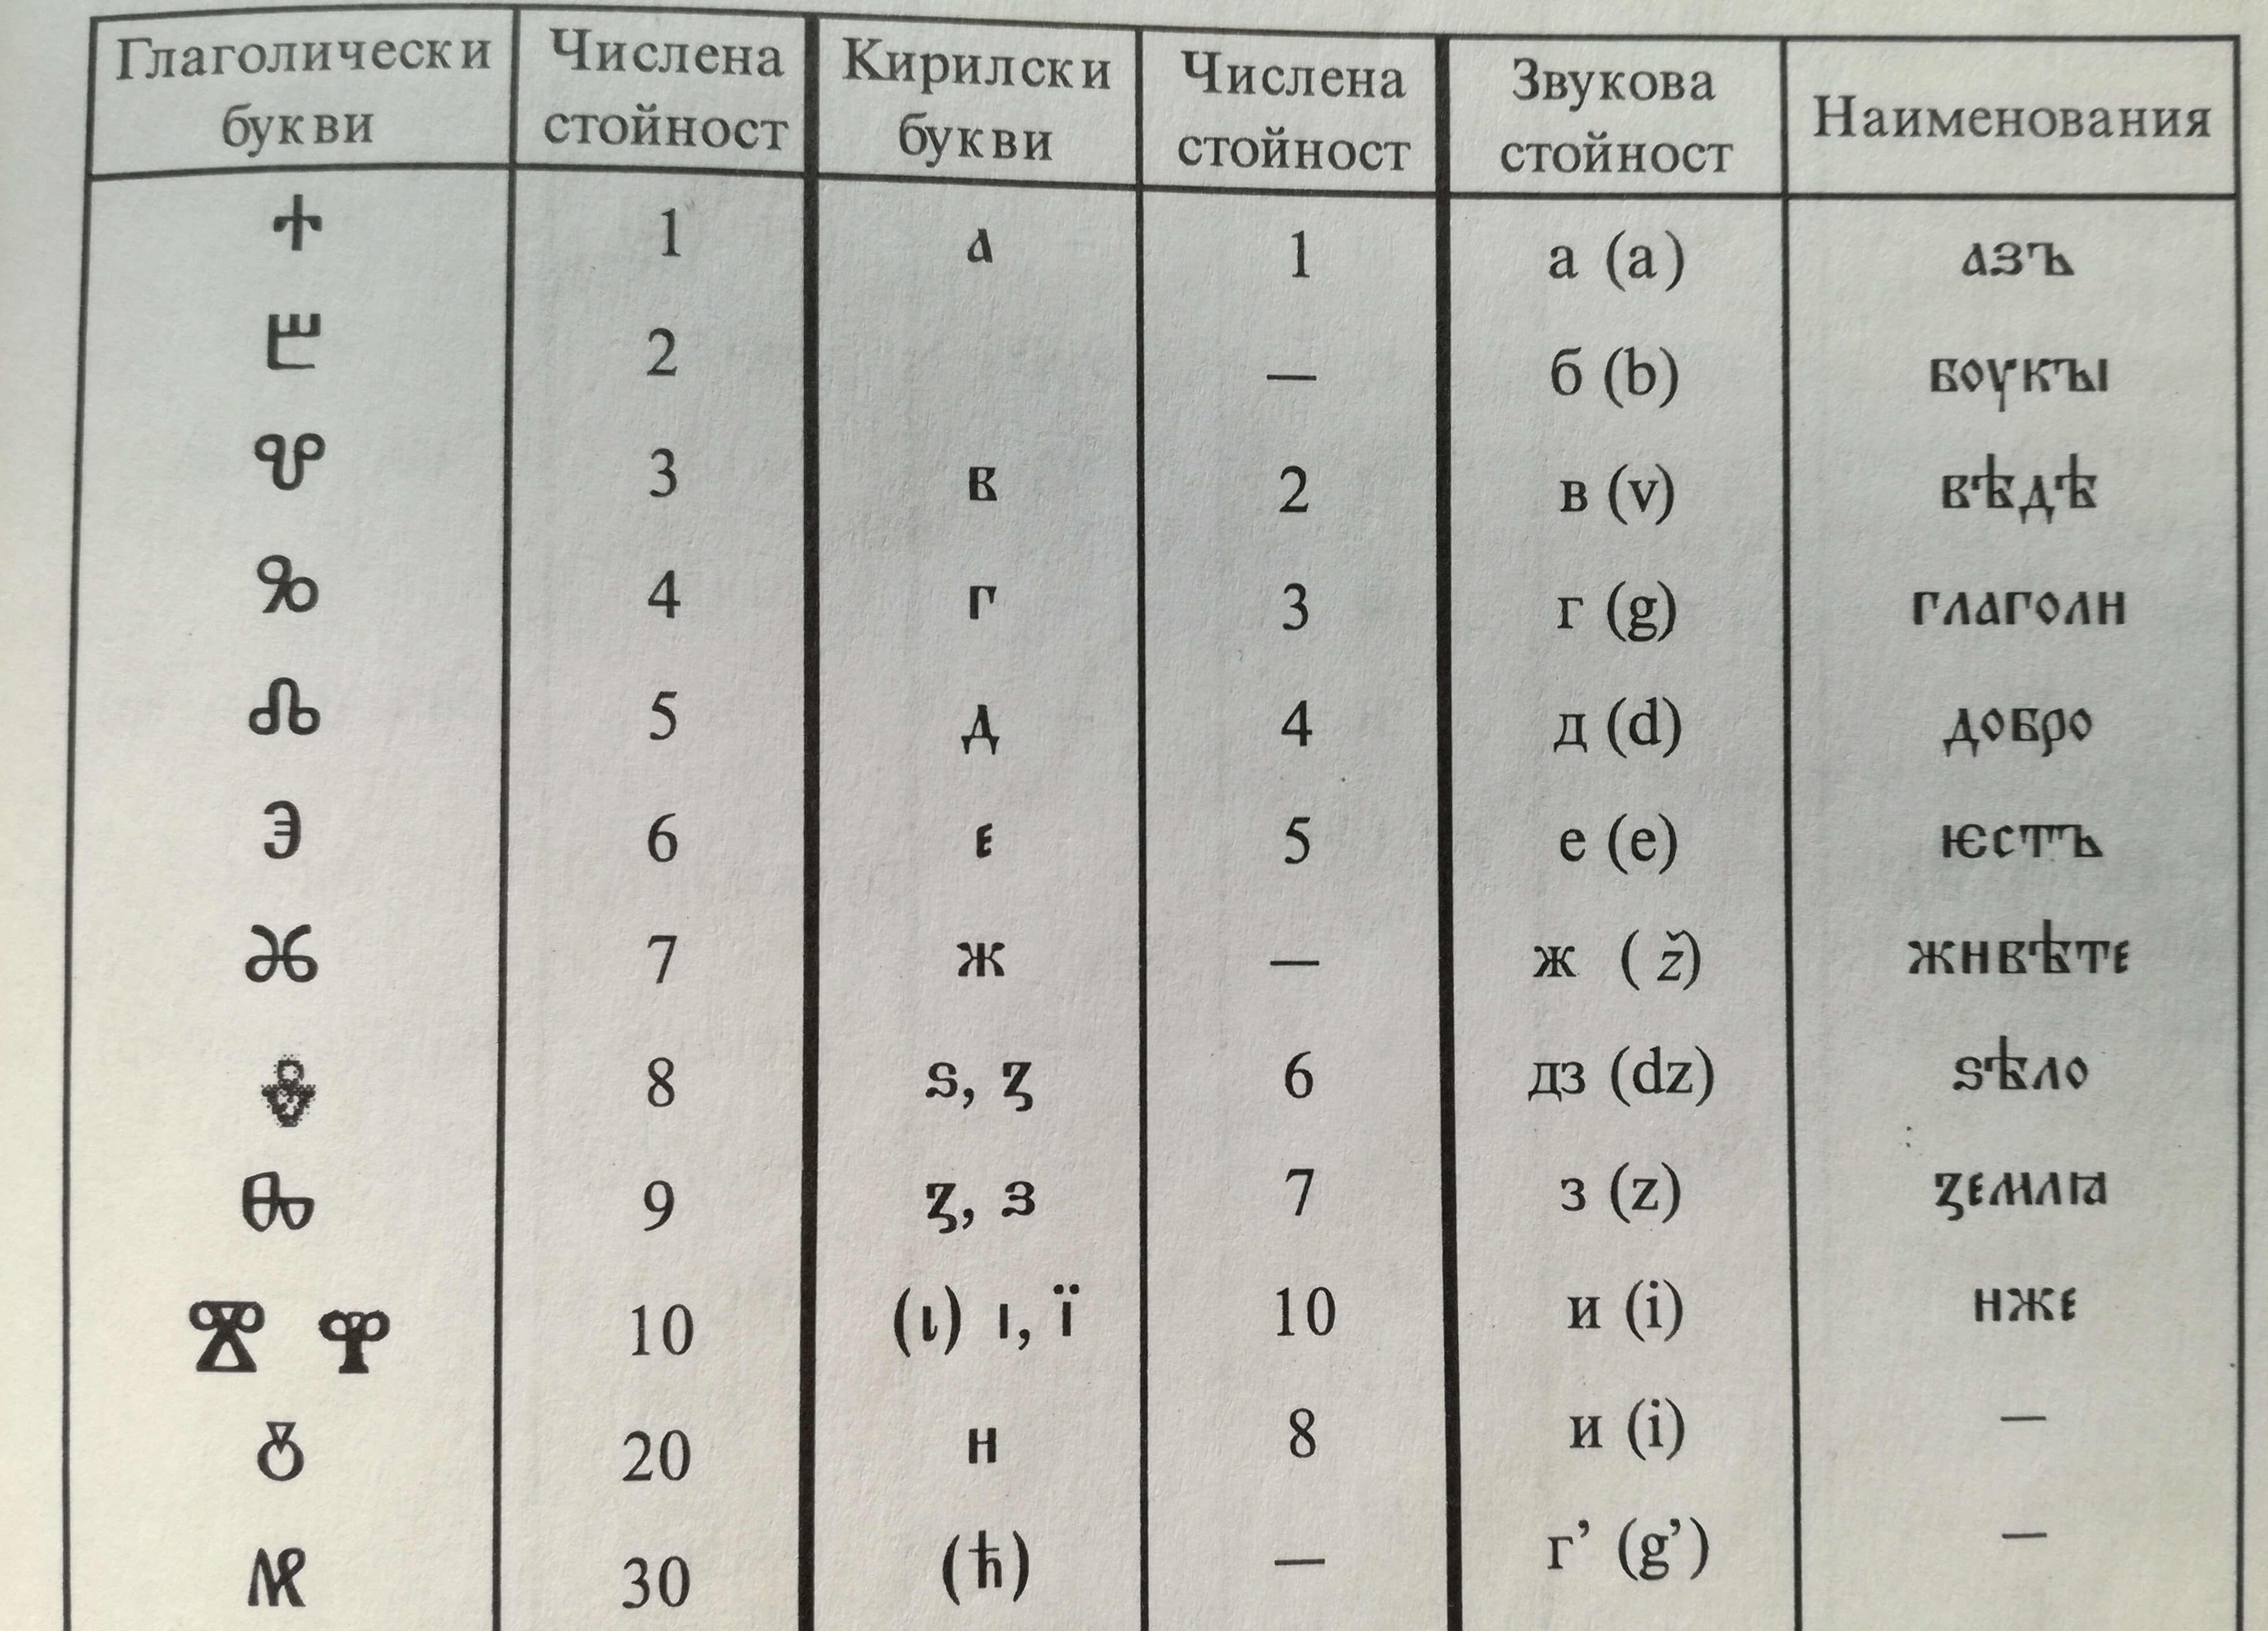 Български глаголически ръкопис ще бъде разчетен с космическа технология